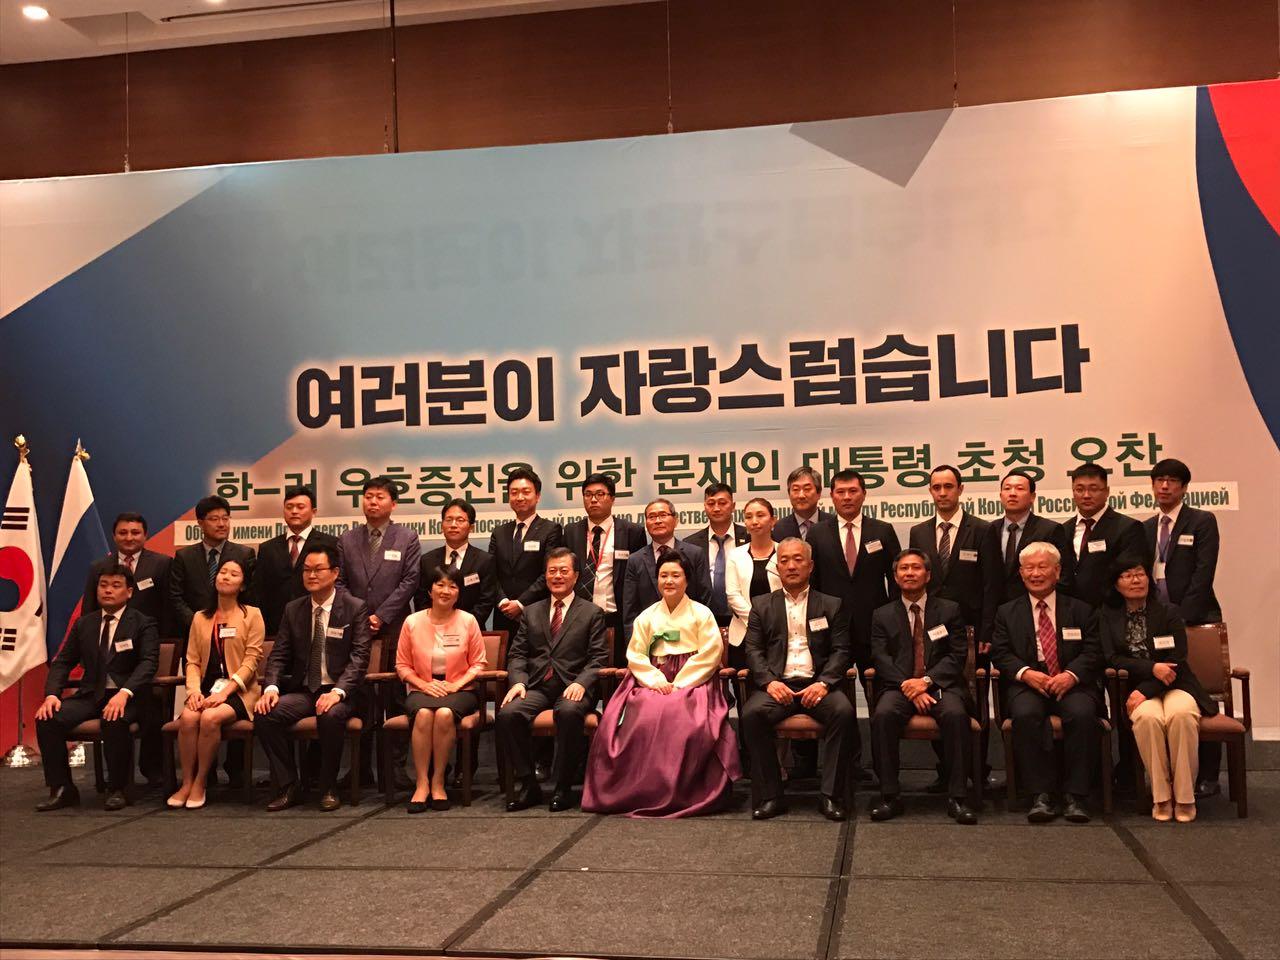 Президент Республики Корея встретился с российскими корейцами.jpg